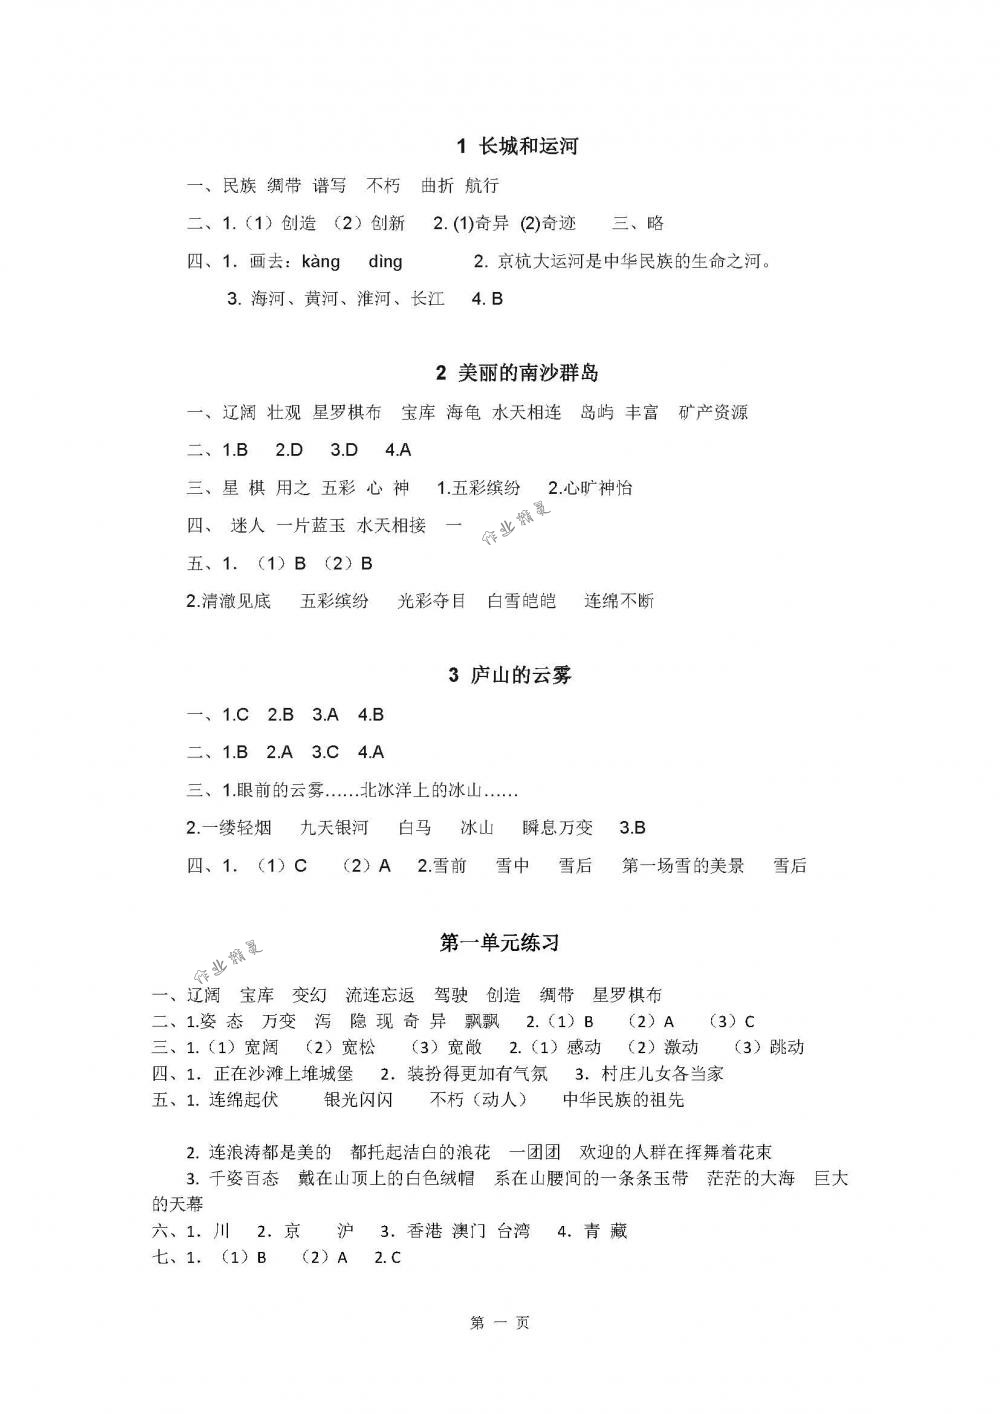 2018年课课练小学语文三年级下册苏教版第1页